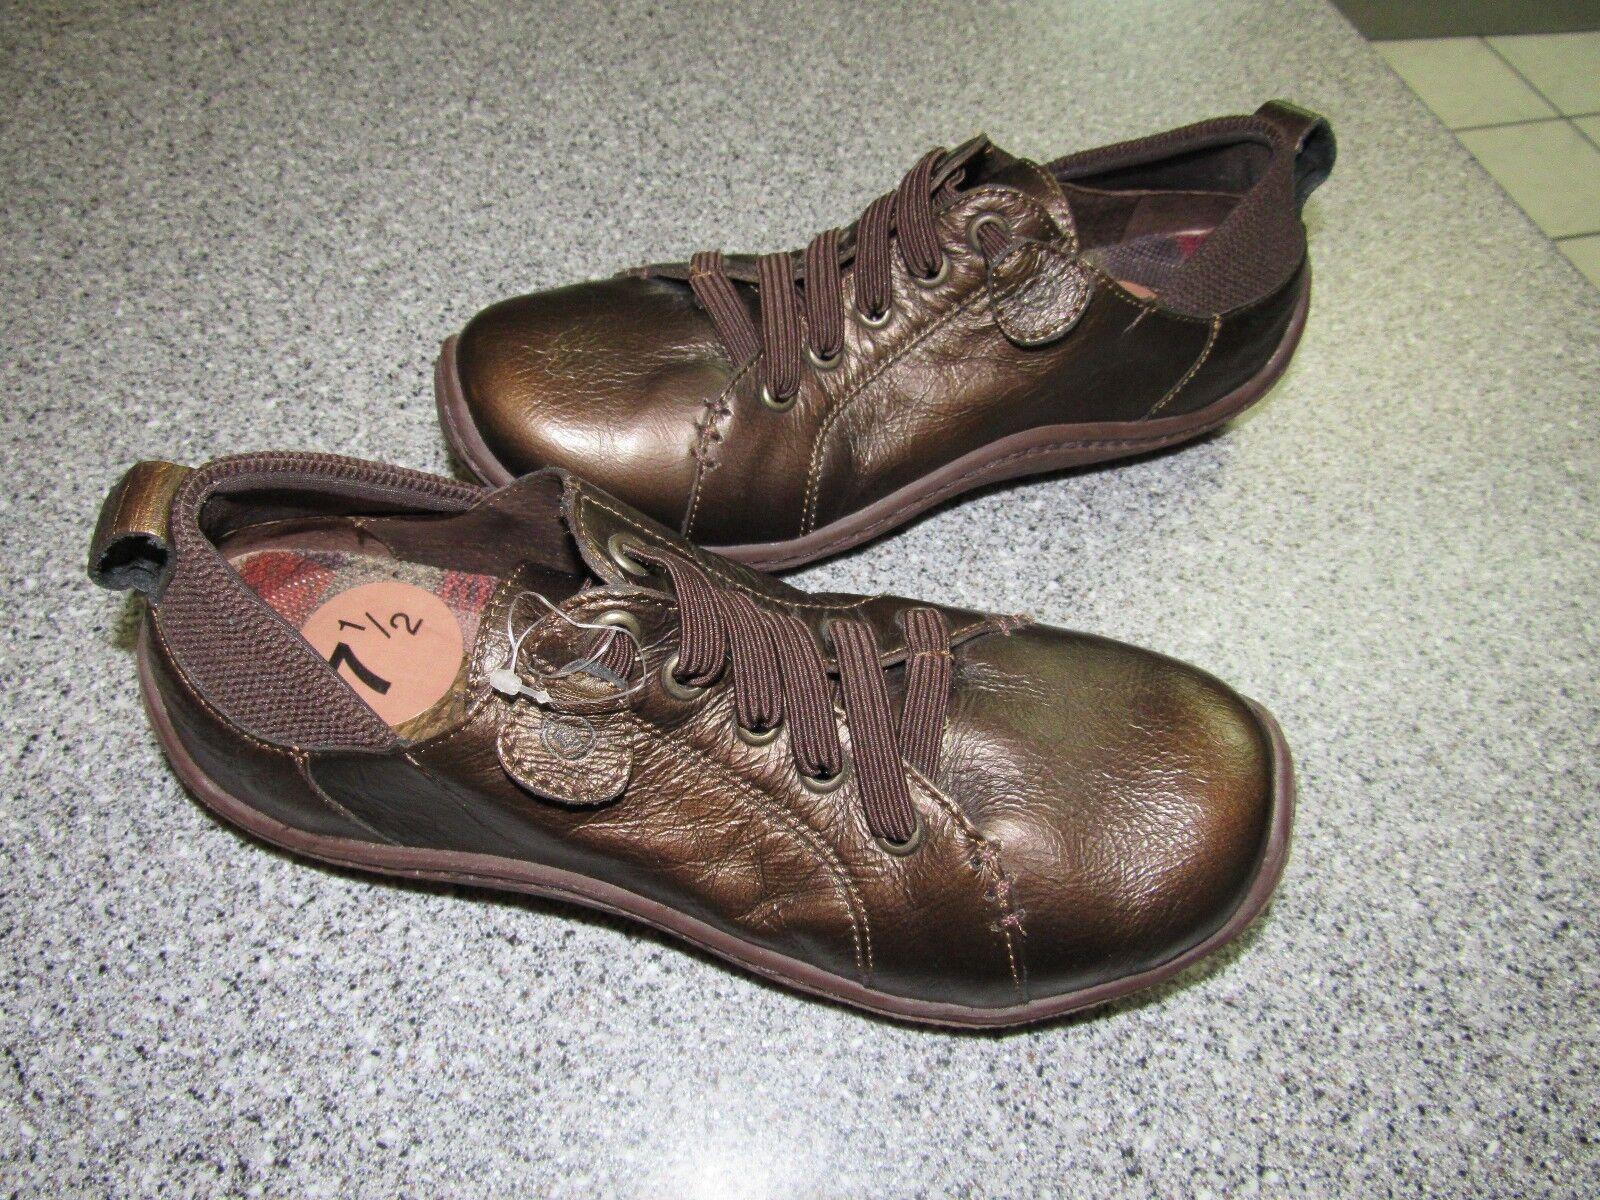 Totalmente nuevo para mujer nacido Althea Whiskey zapatos zapatos zapatos talla 7.5 M  El nuevo outlet de marcas online.